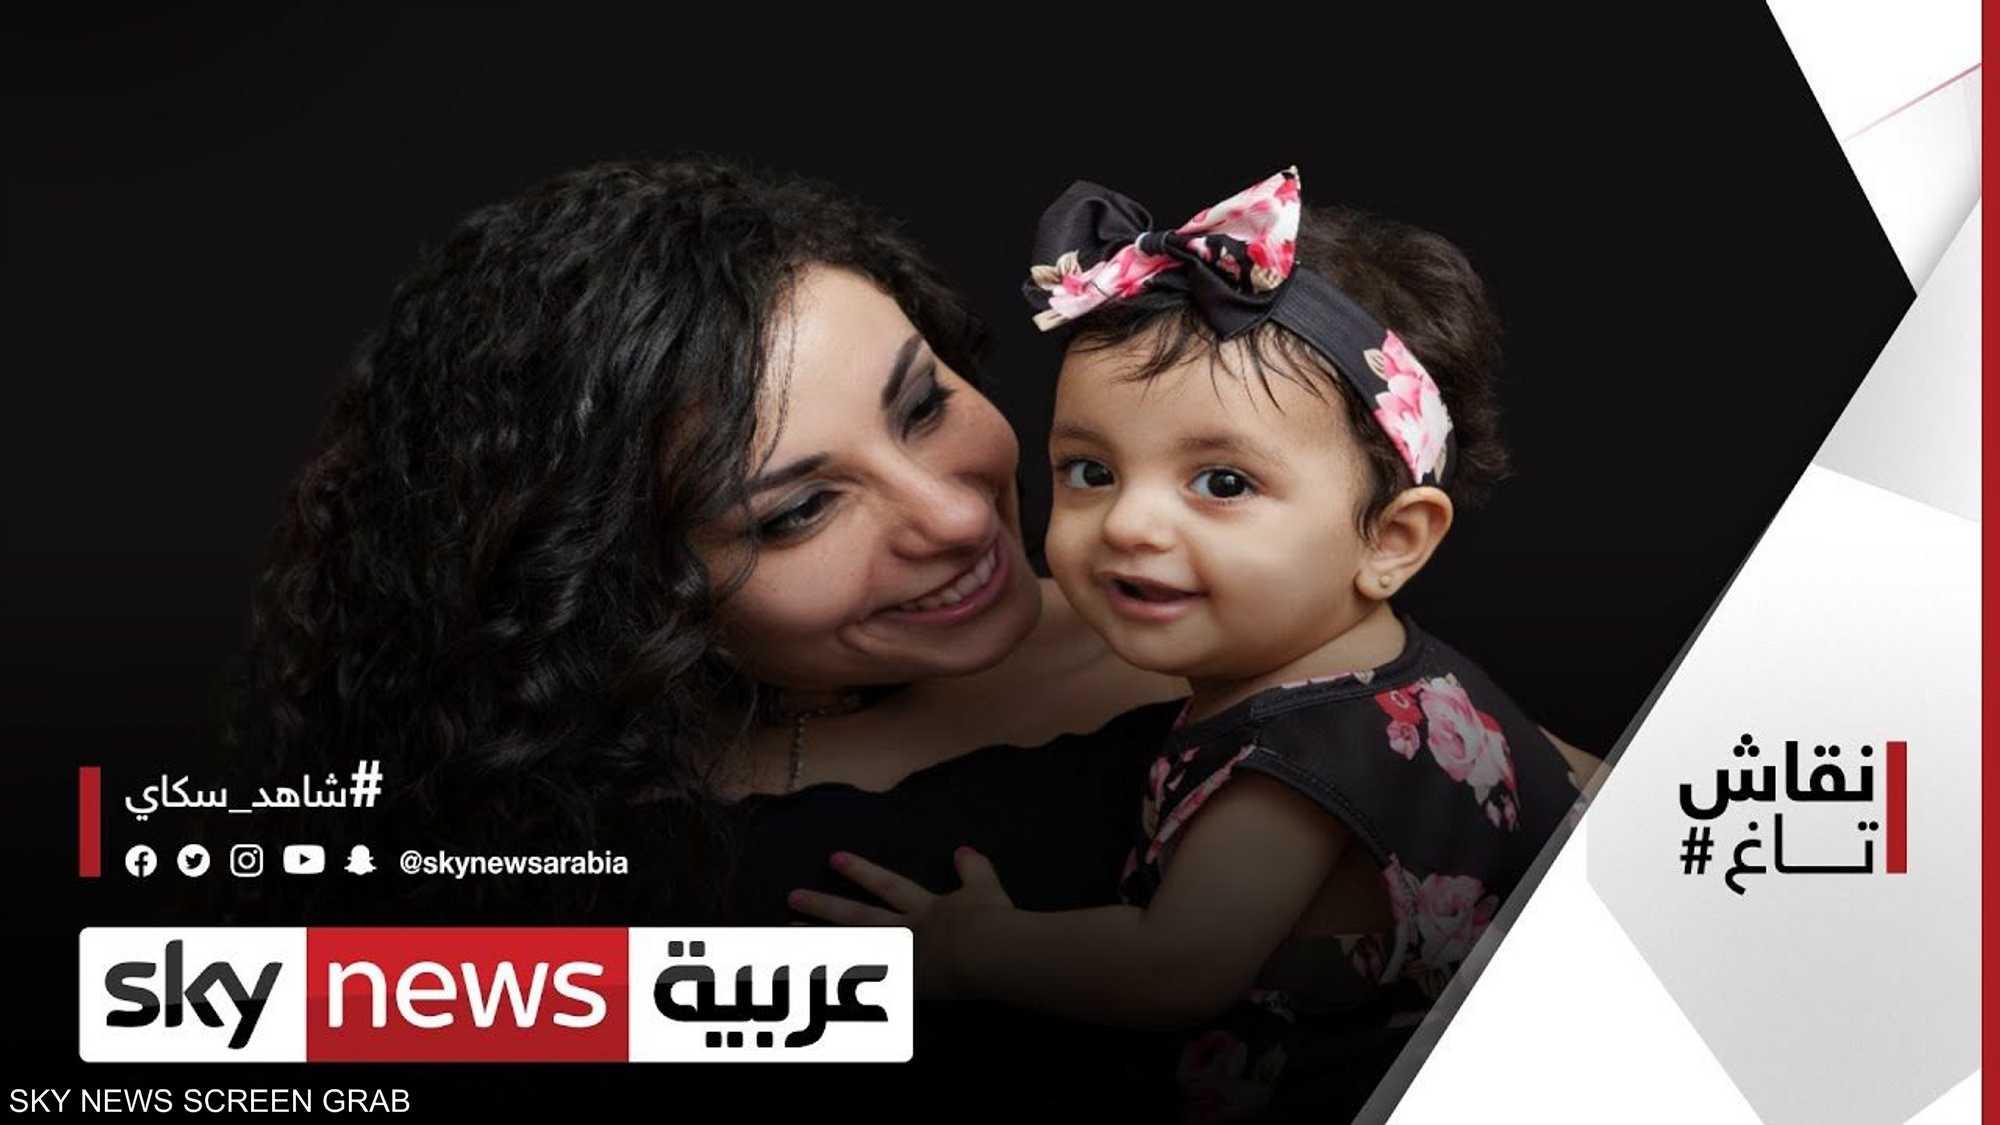 ولاية الأم المصرية على أطفالها.. هل تؤيد إعطاءها هذا الحق؟